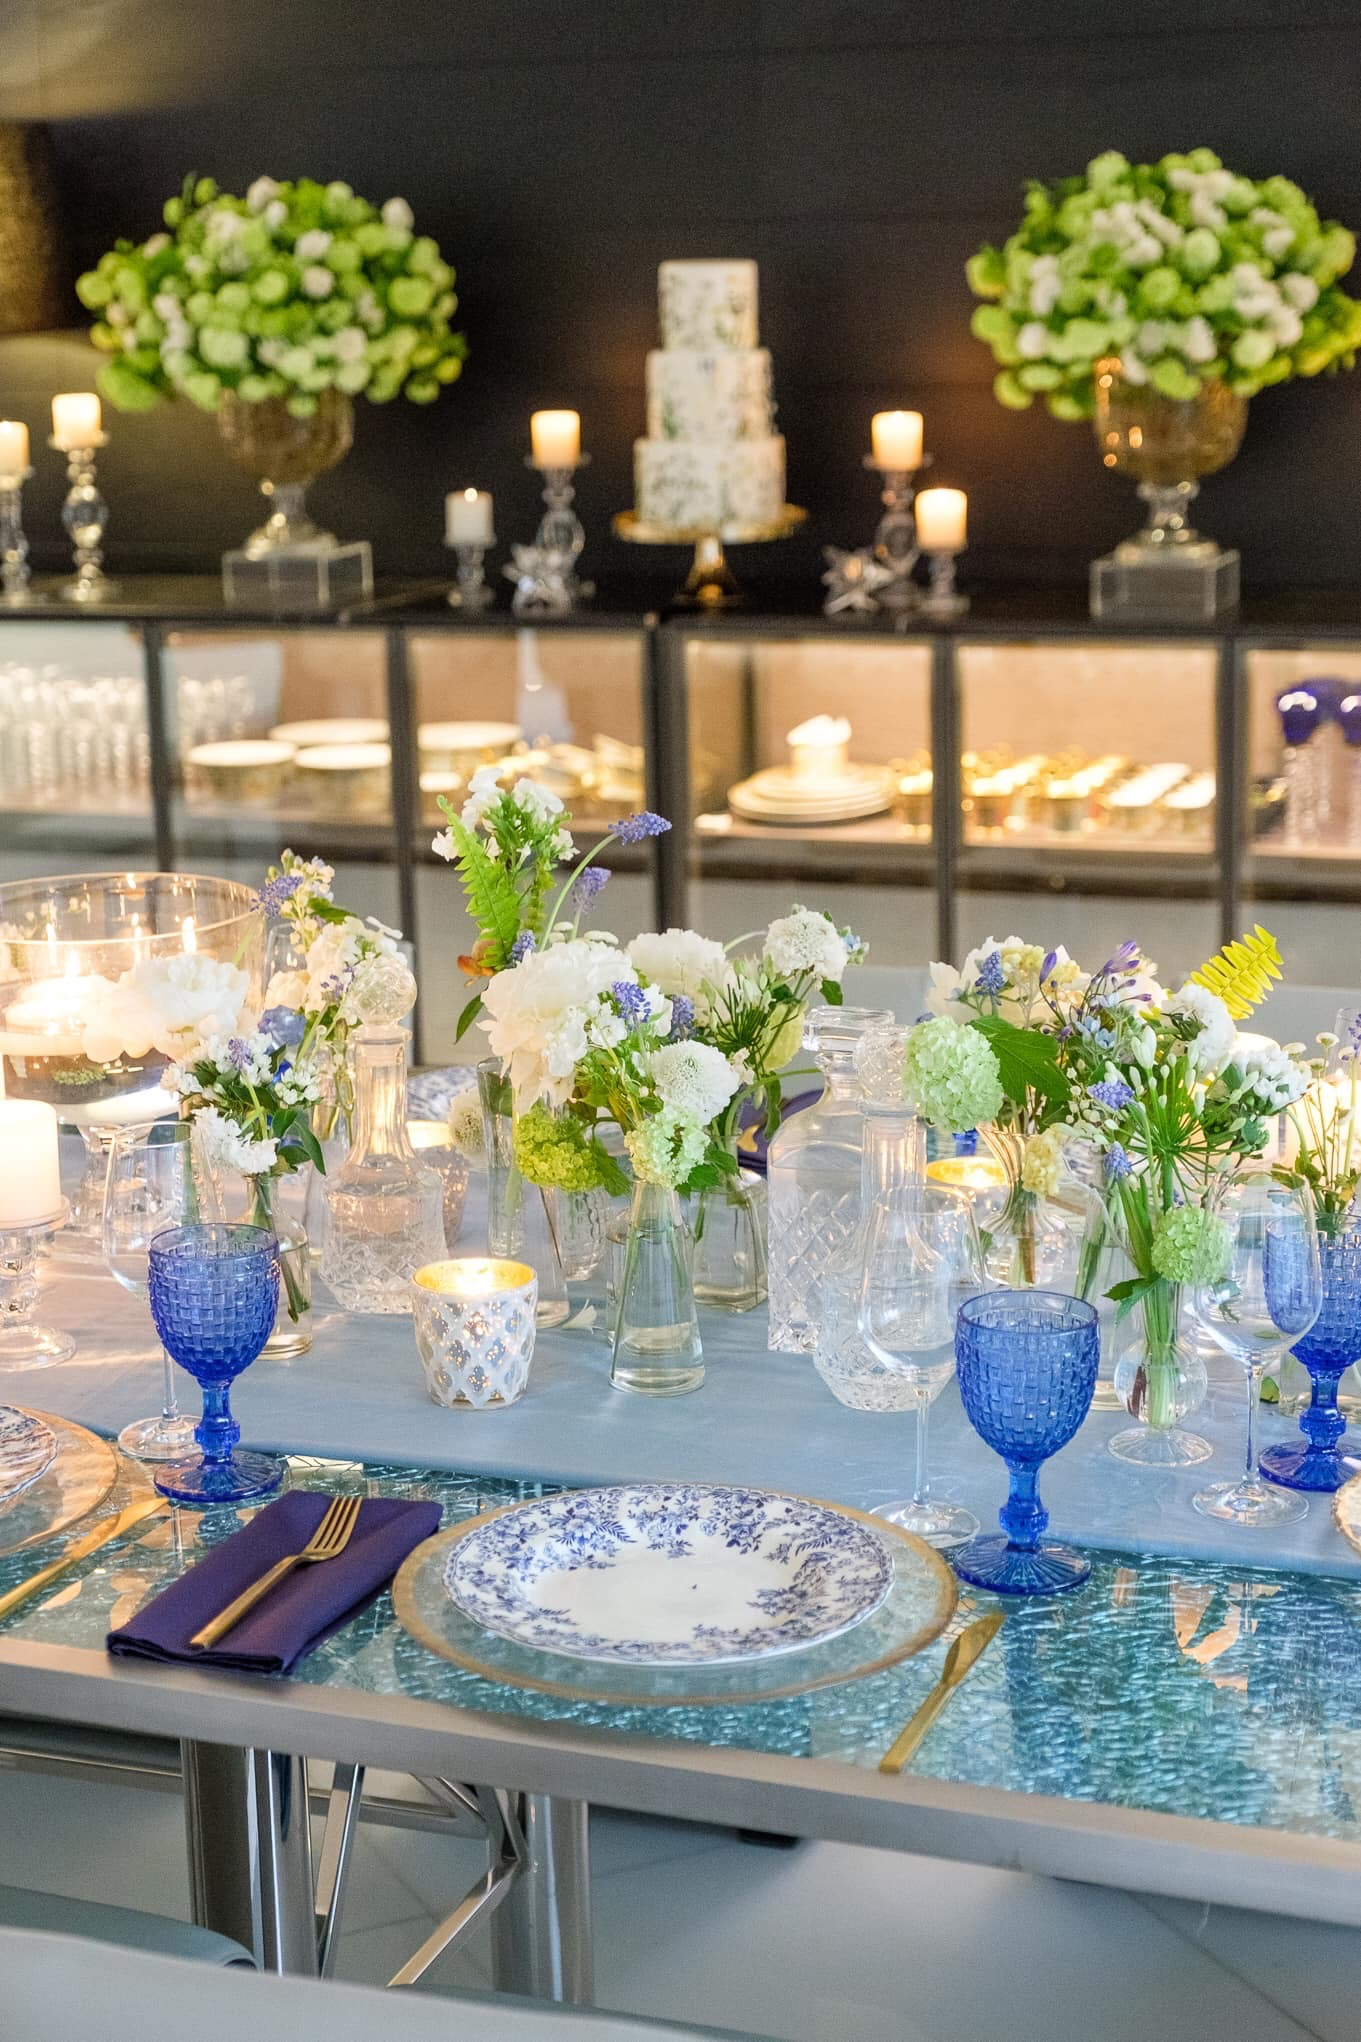 """Dos estancias que no pueden faltar en una boda en casa es un área para realizar la ceremonia y una mesa donde brindar luego de que los recién casados hayan expresado el esperado """"sí, acepto"""". (Ishan Robles)"""